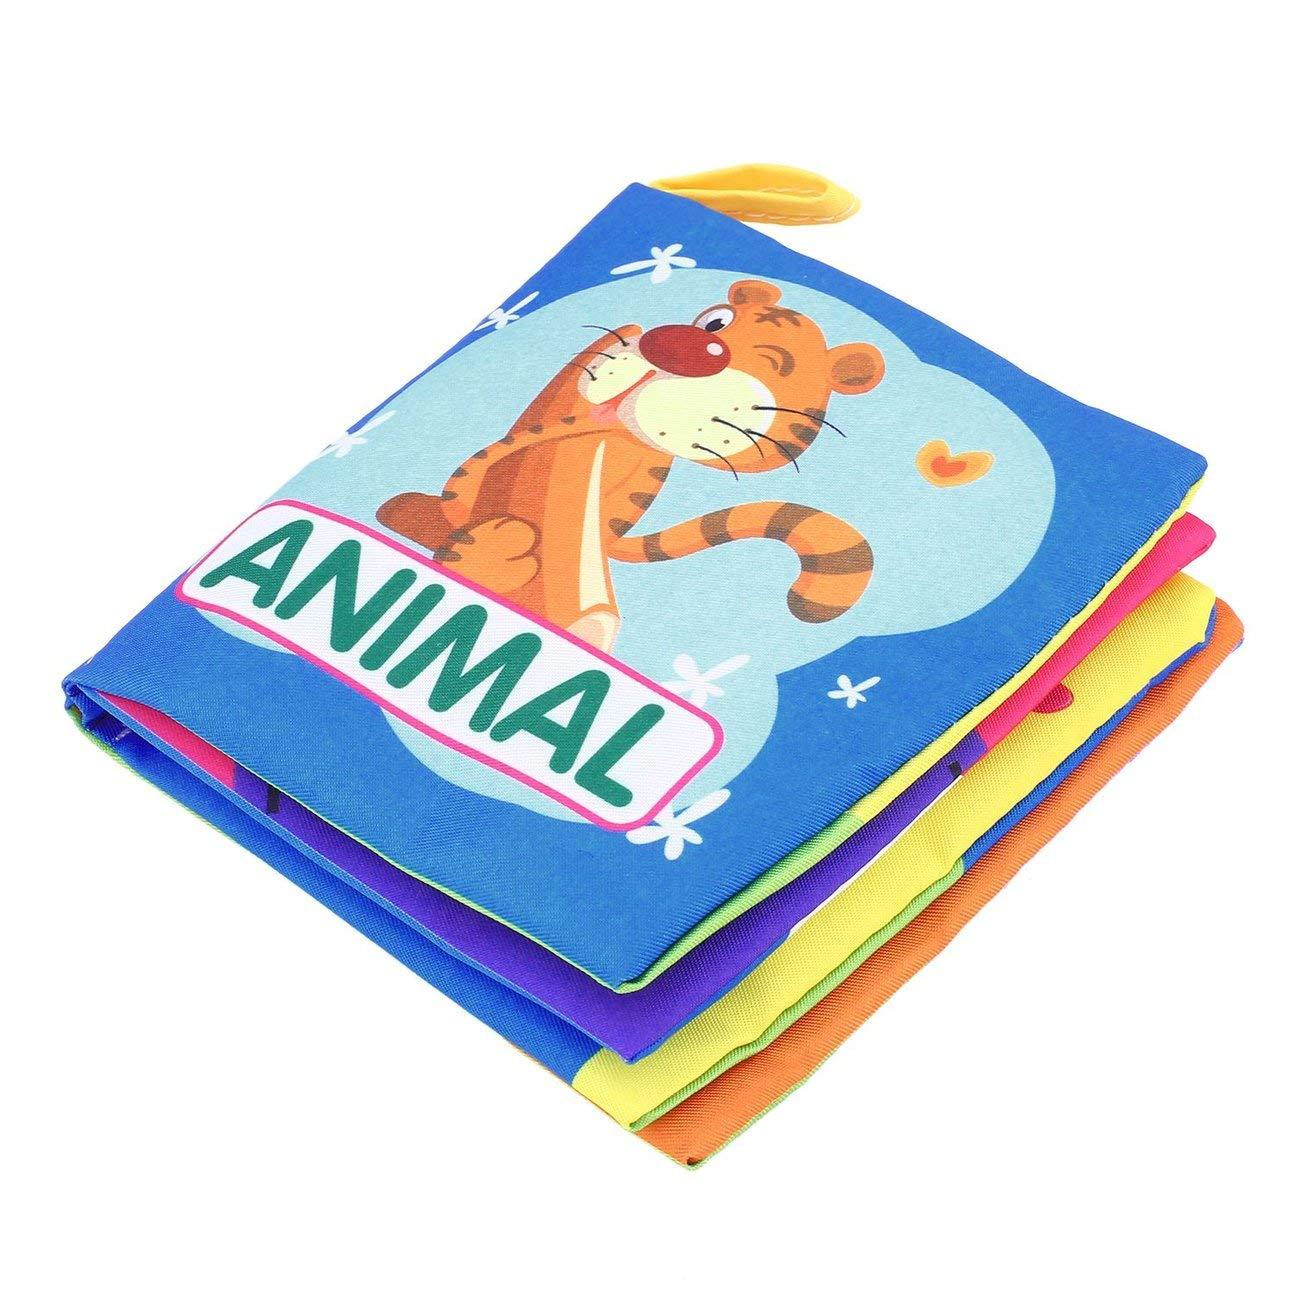 HIPENGYANBAIHU Beb/és reci/én Nacidos Libro de Tela port/átil Educativo temprano Libros Suaves Coloridos Desarrollan Inteligencia Juguetes multifuncionales Color: Colorido